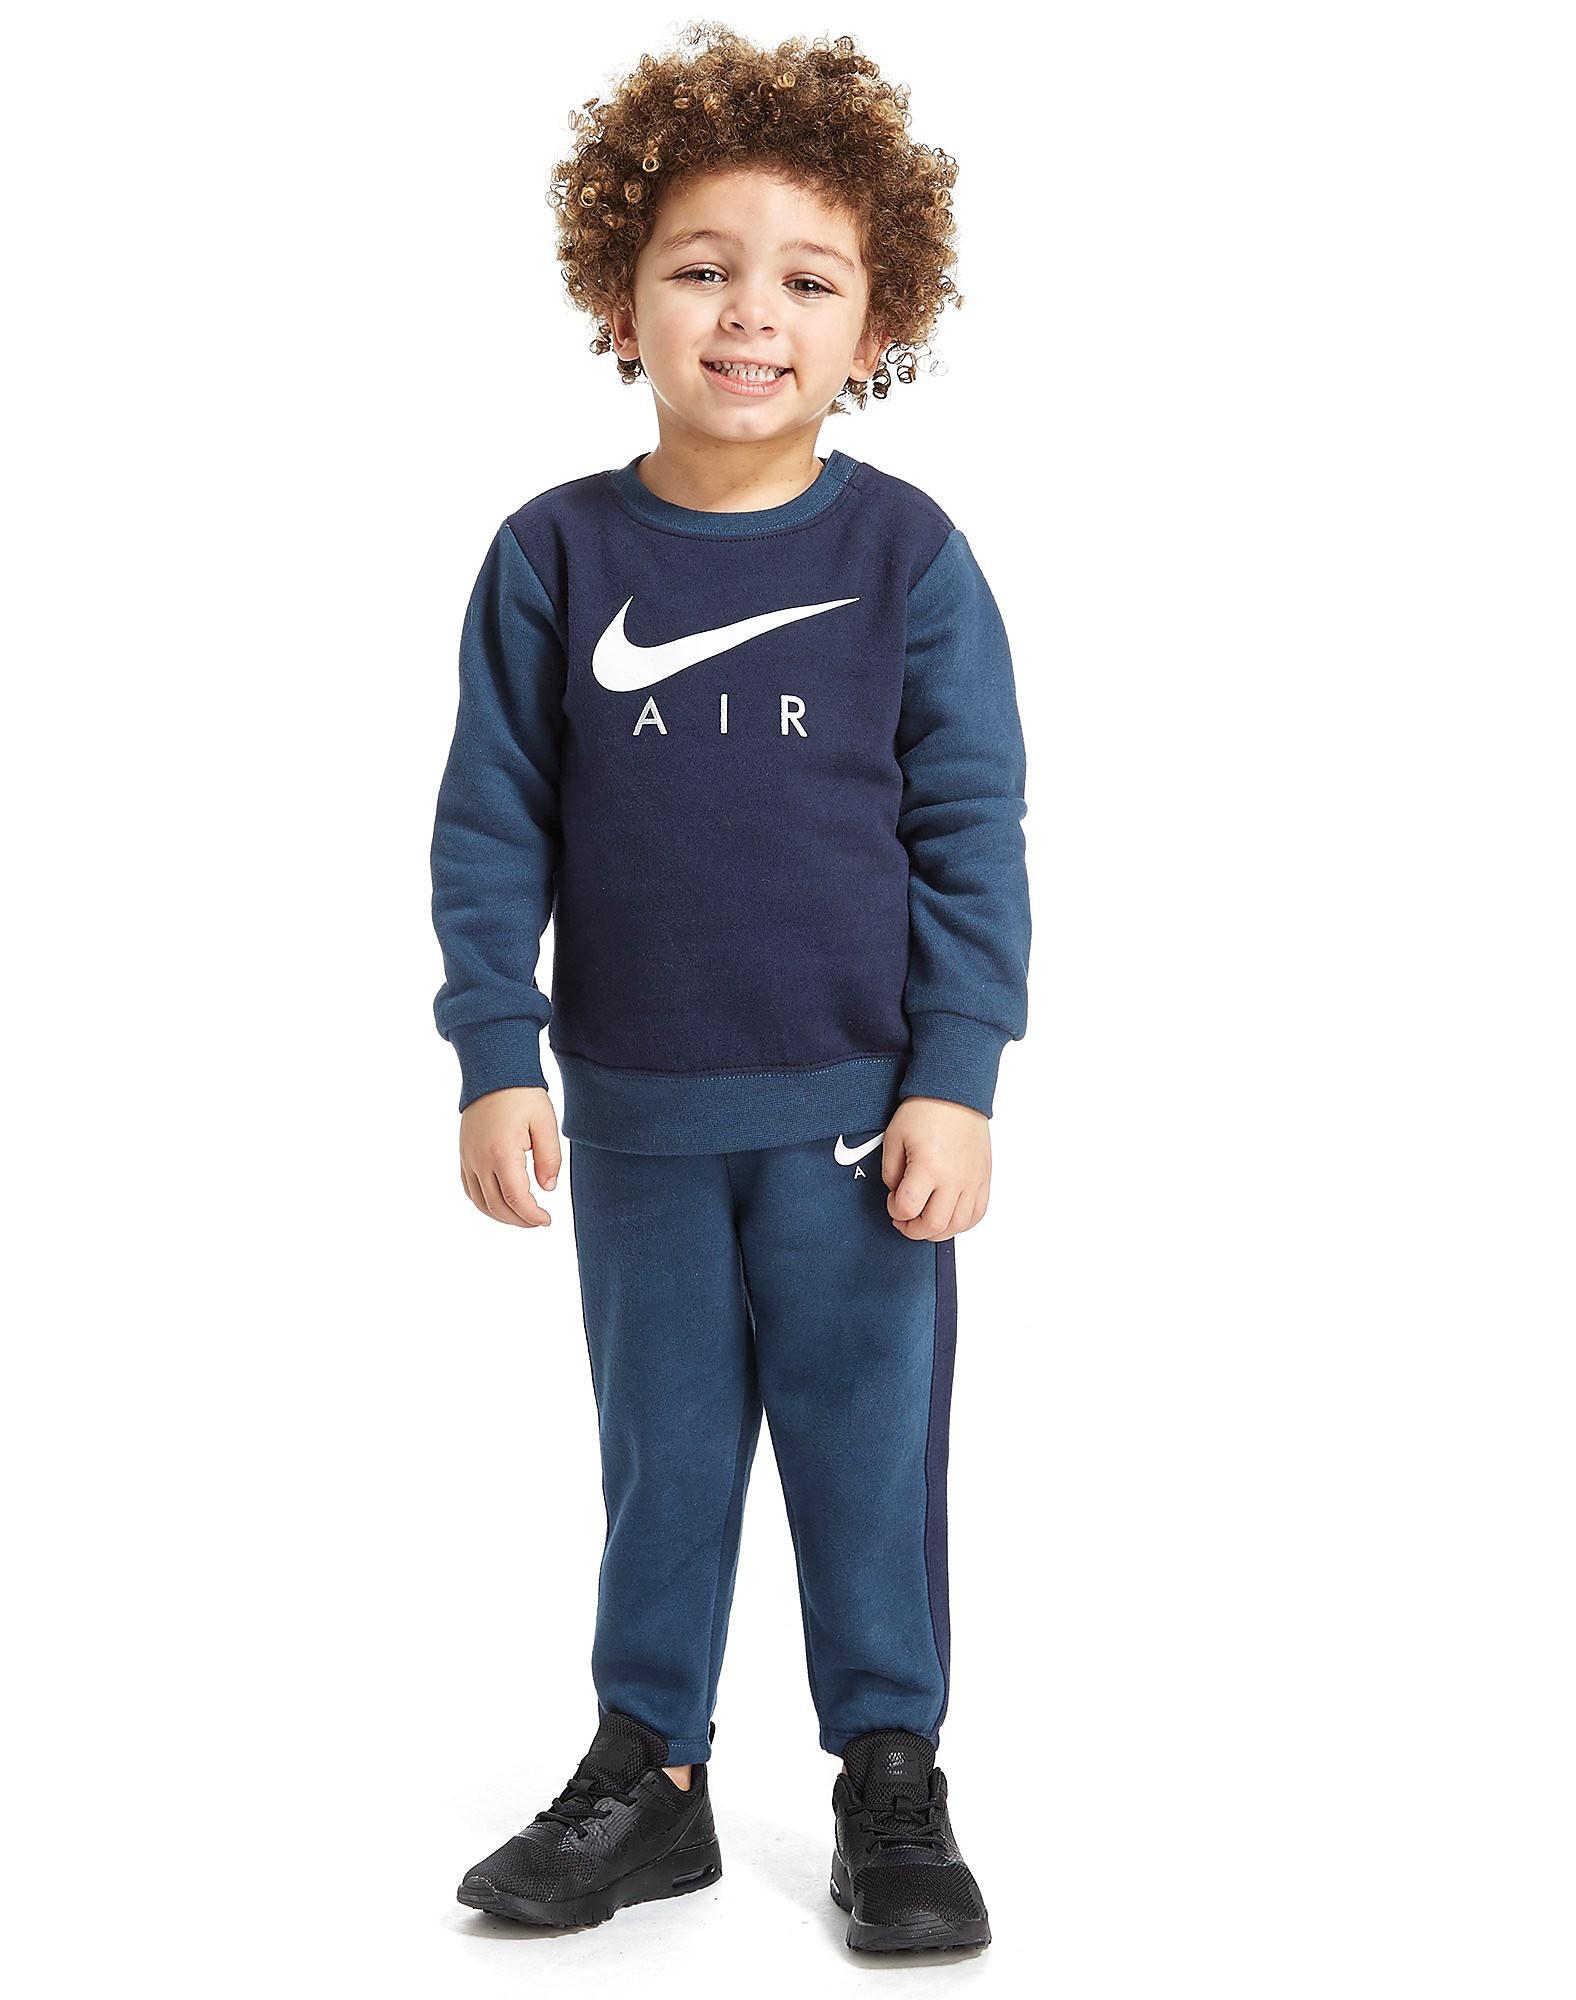 Nike Air Suit für Babys